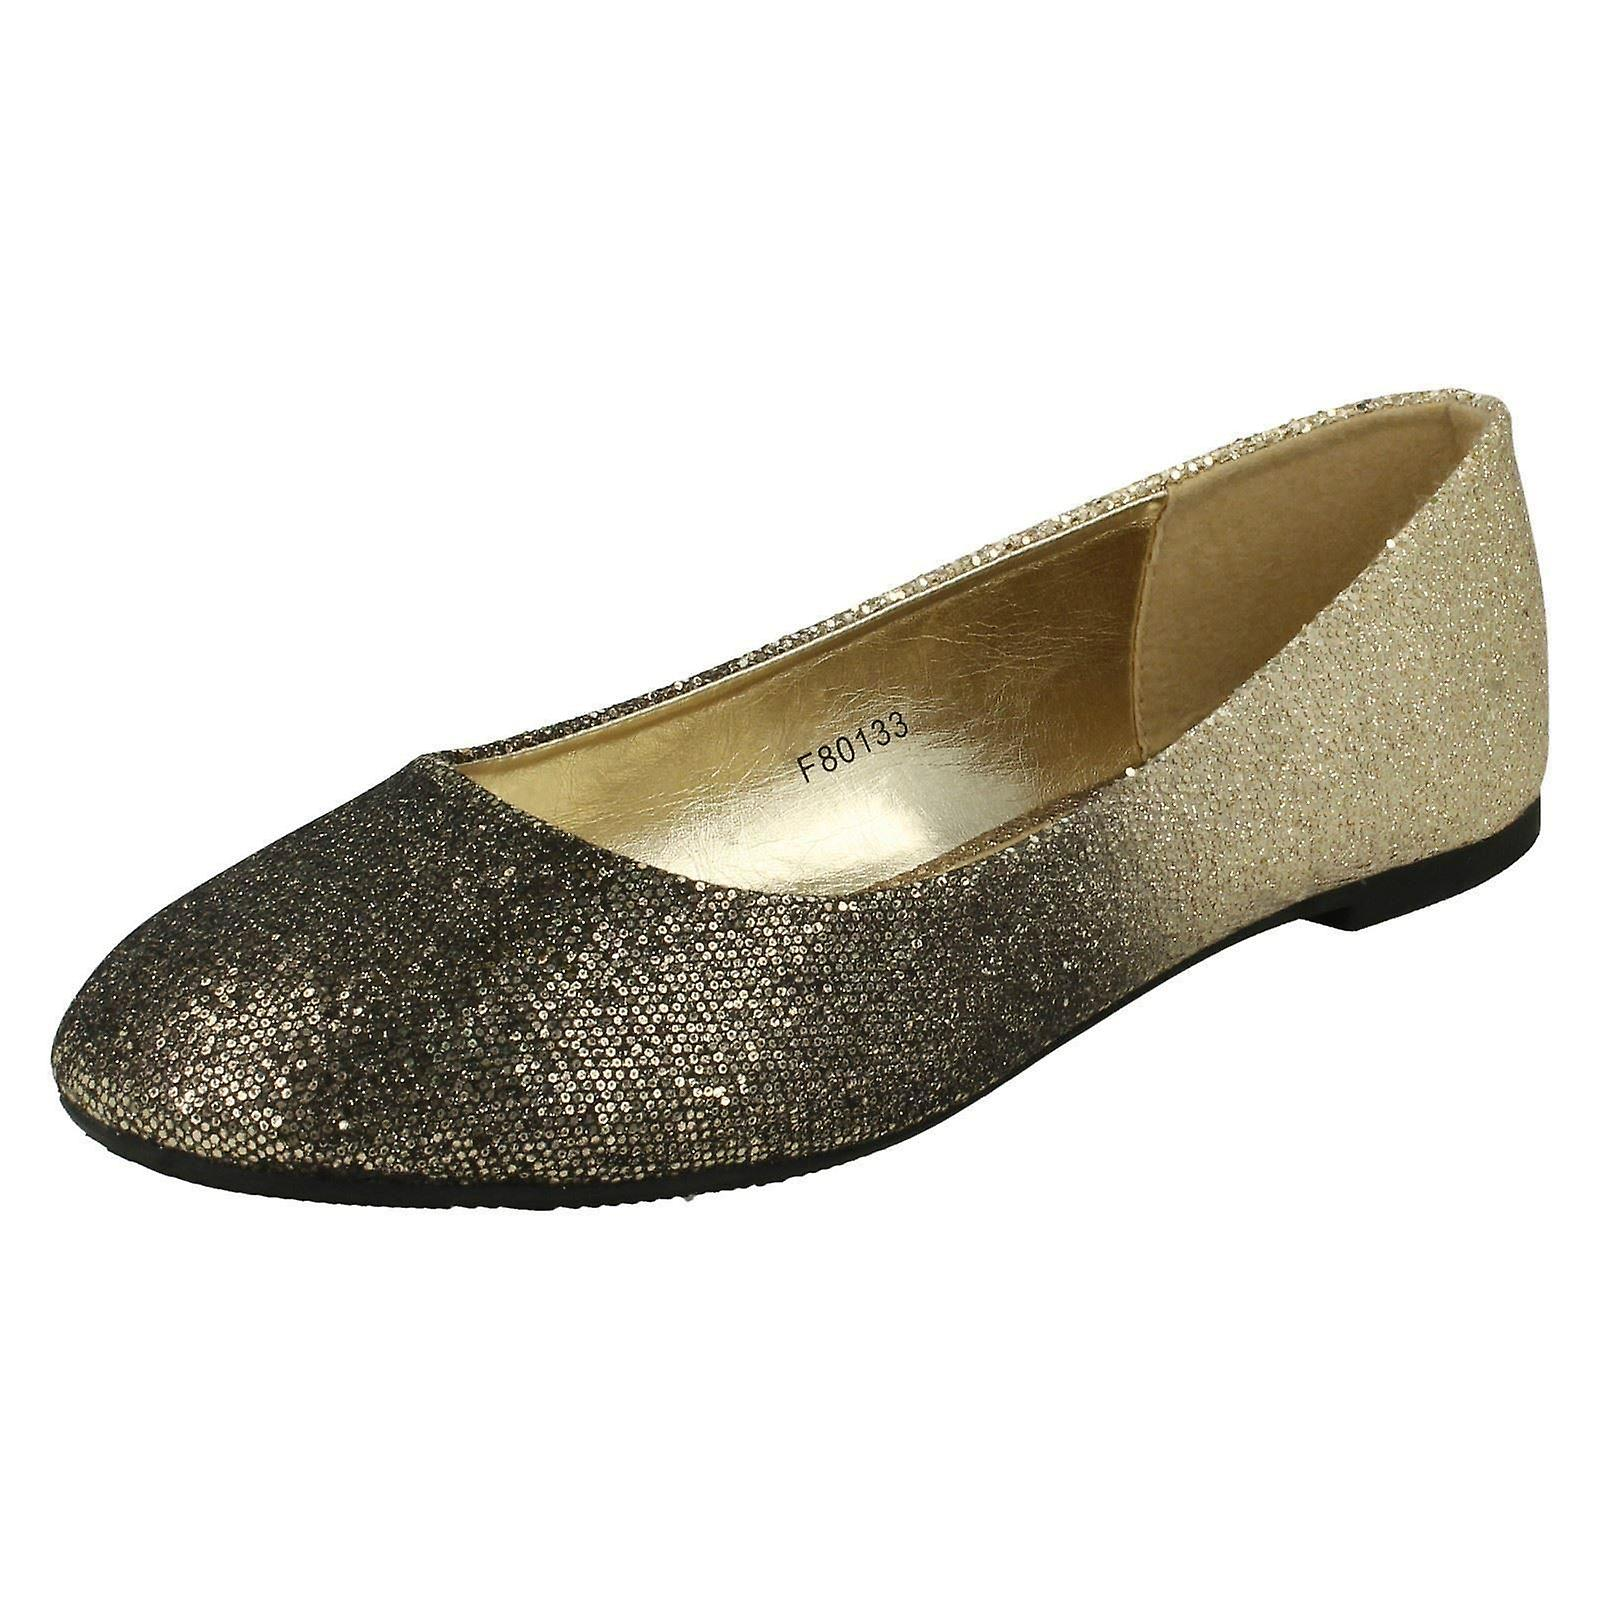 Ladies Spot On Slip On Ballerina Ballerina Ballerina Shoes F80133 91677d